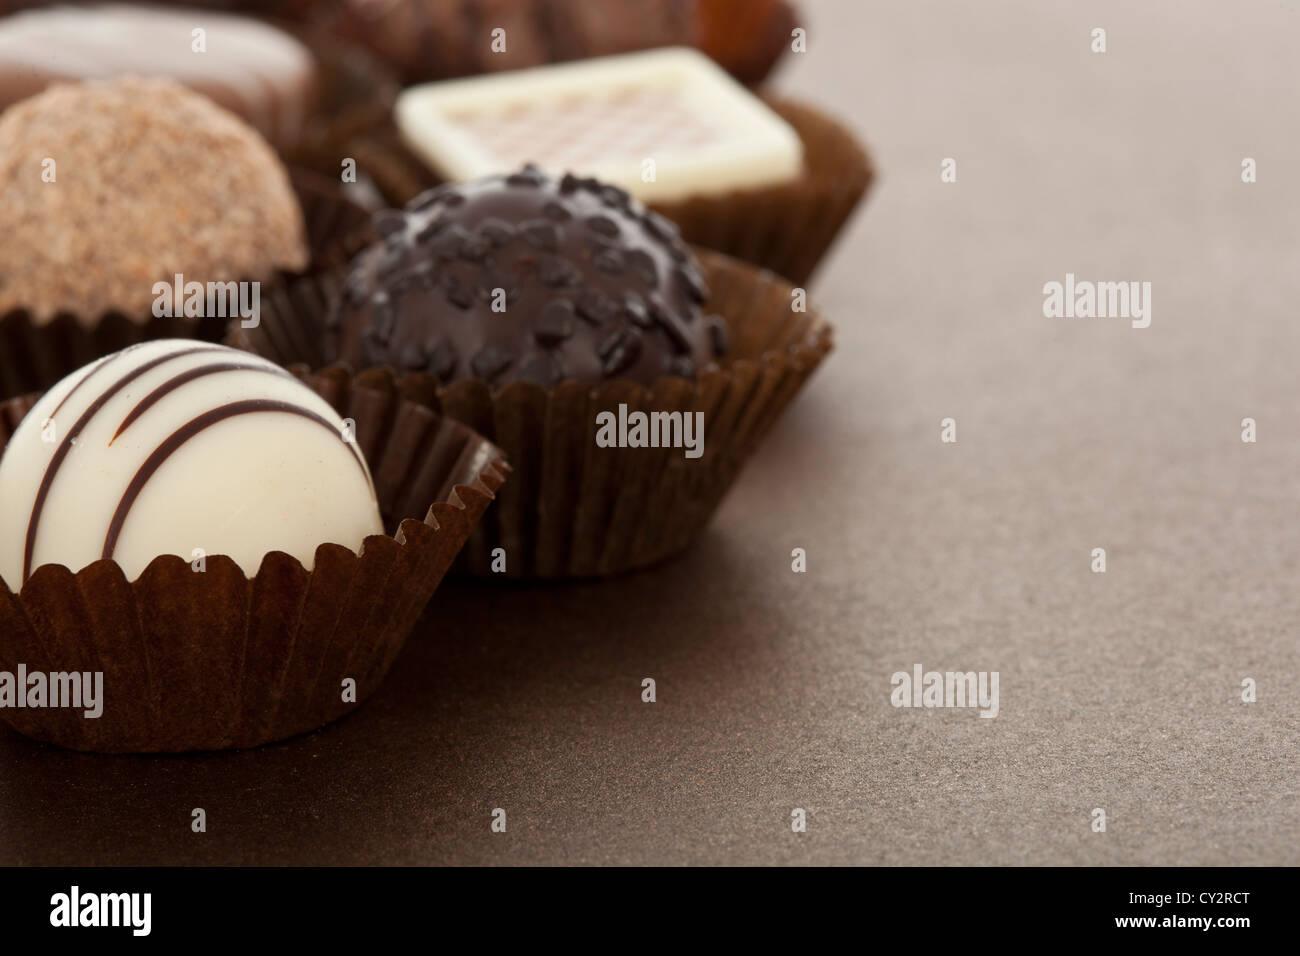 Sortierten Gourmet-Schokolade-Bonbons im Pappbecher Stockbild